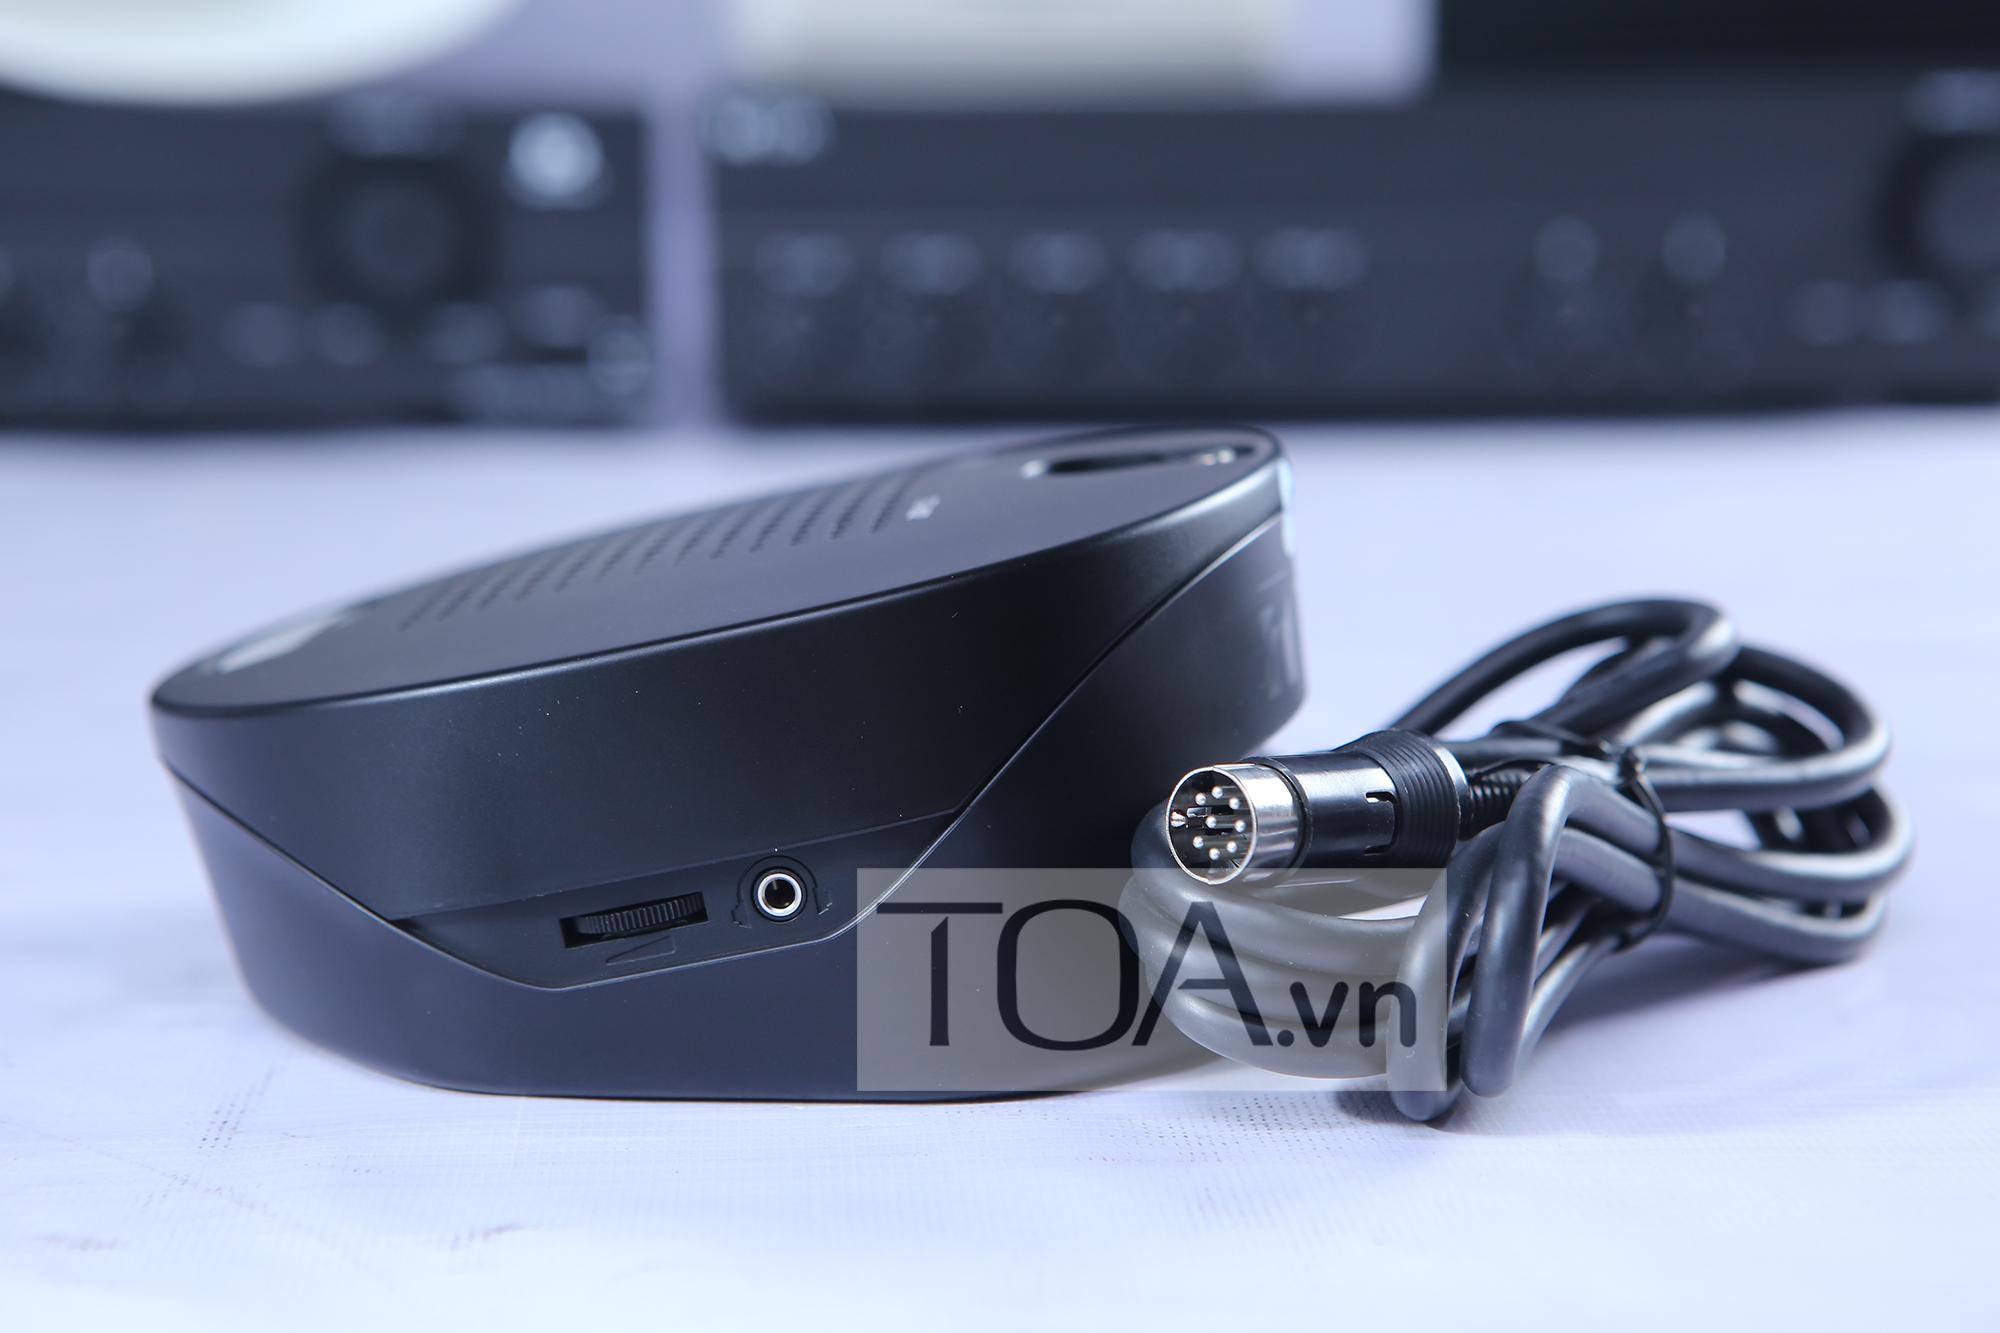 TOA TS-682AS, thiết bị hội thảoTOA TS-682AS,thiết bị hội thảo TOA TS-682AS, thiết bị hội thảo âm thanh TOA